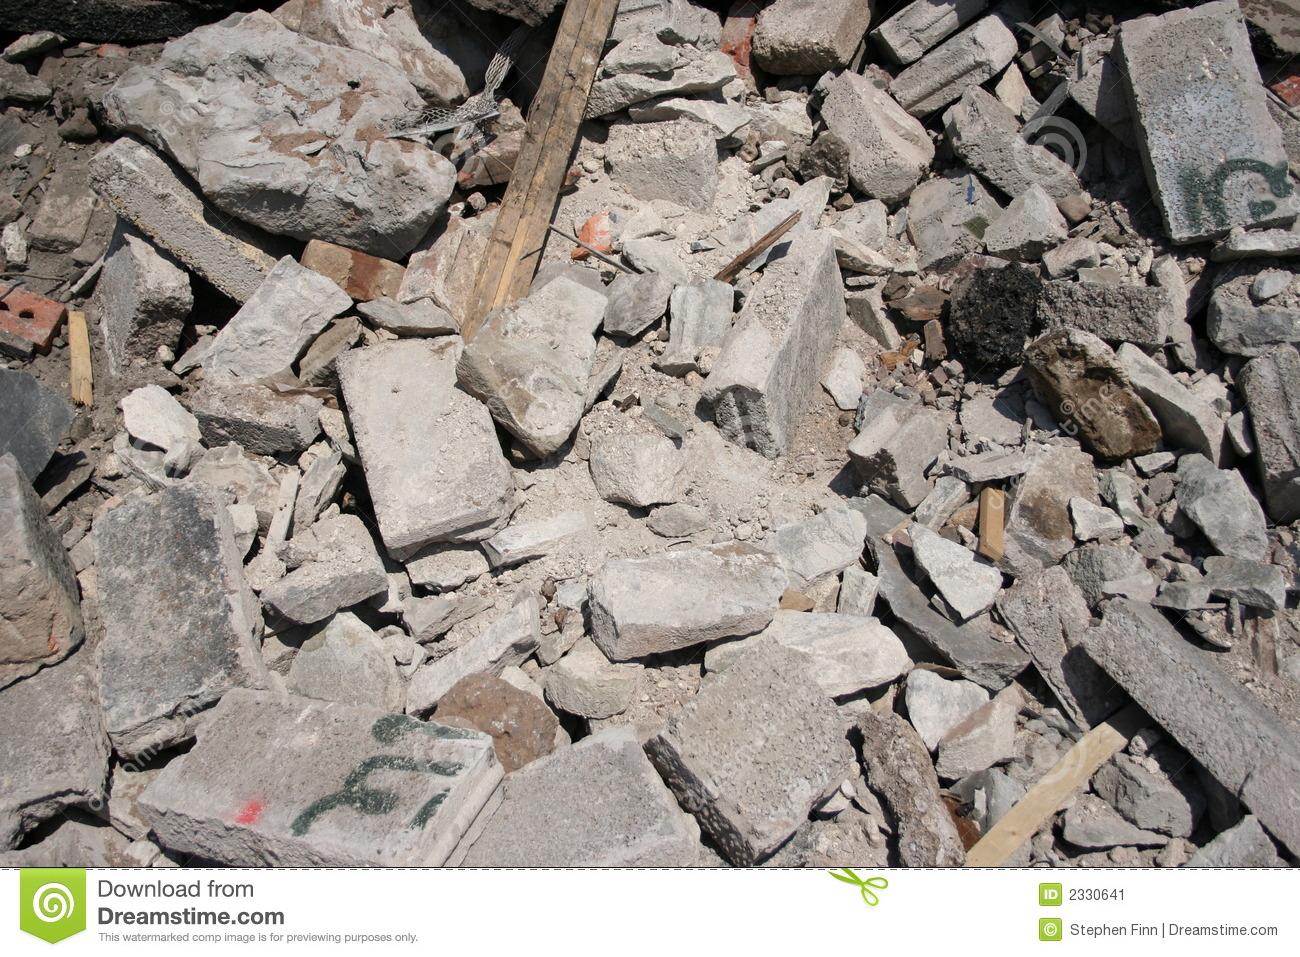 Panda free images rubbleclipart. Boulder clipart pile rubble